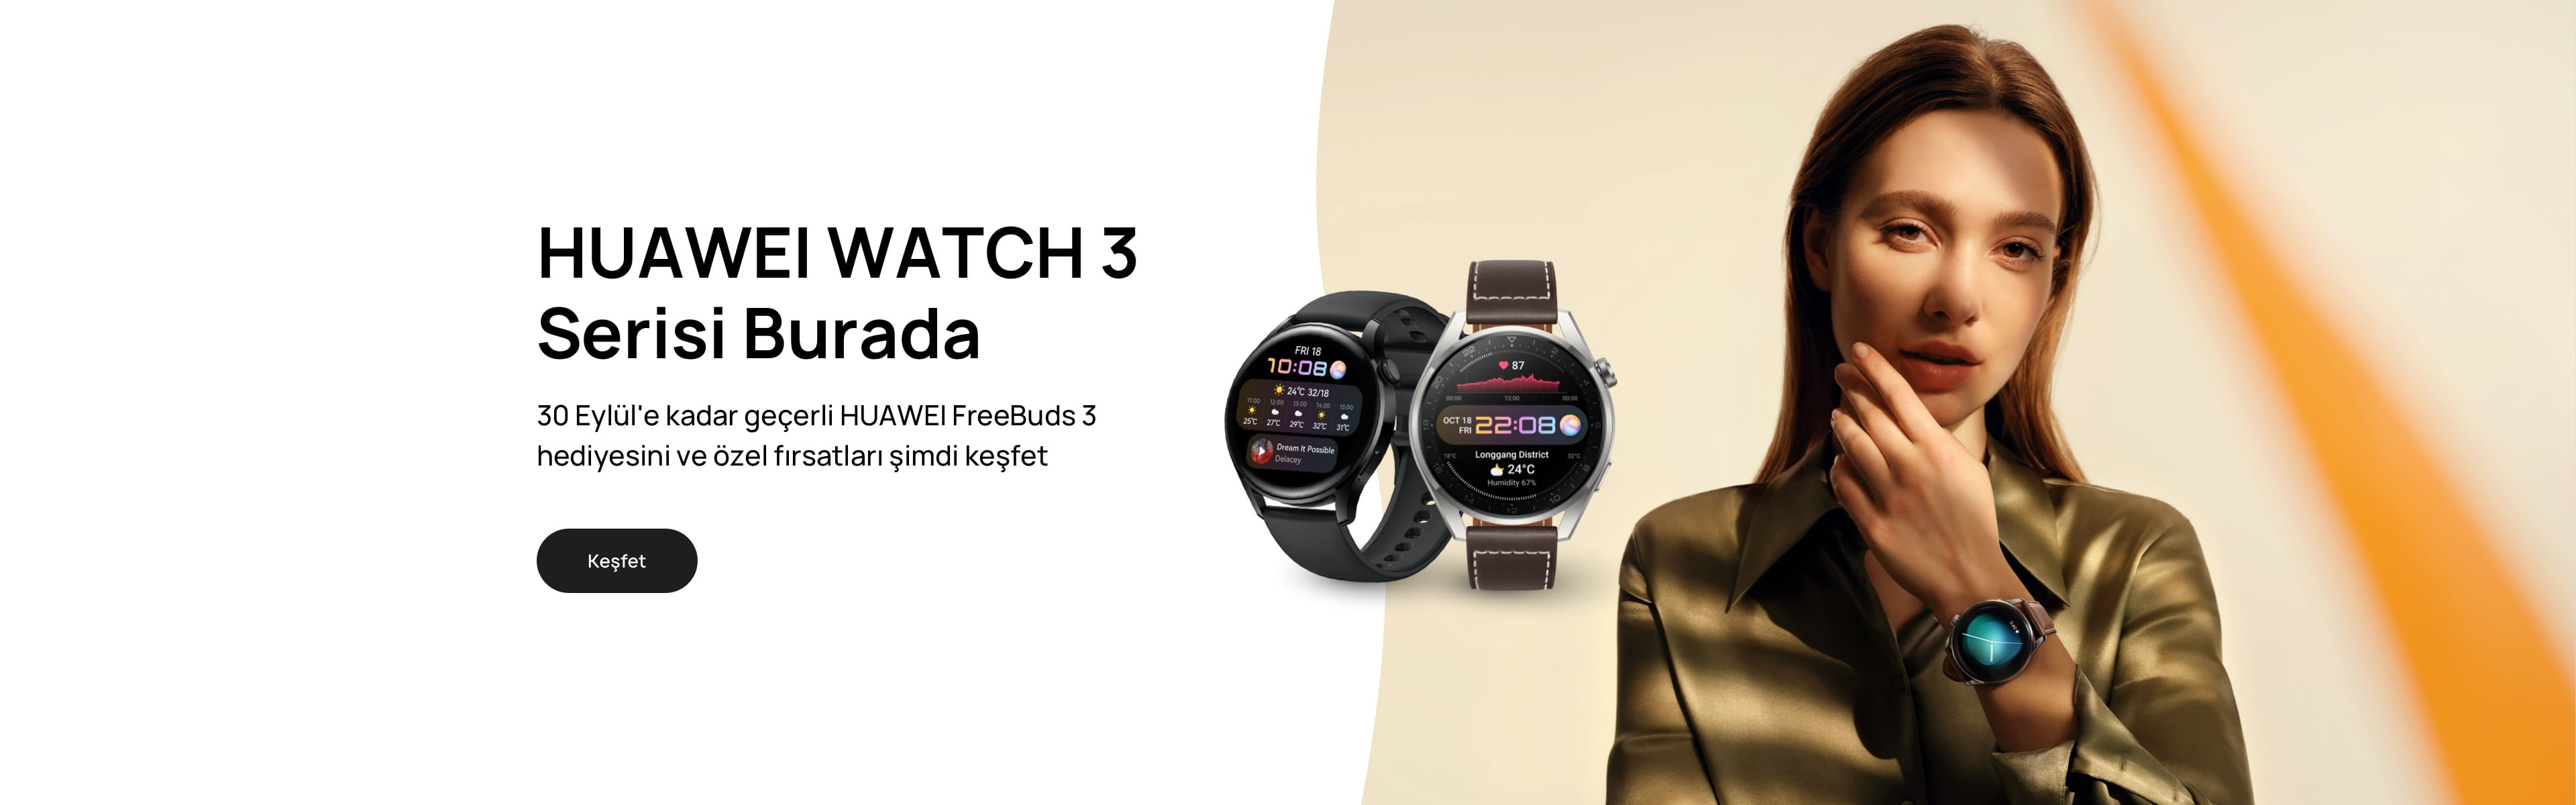 Watch 3 Watch 3 Pro